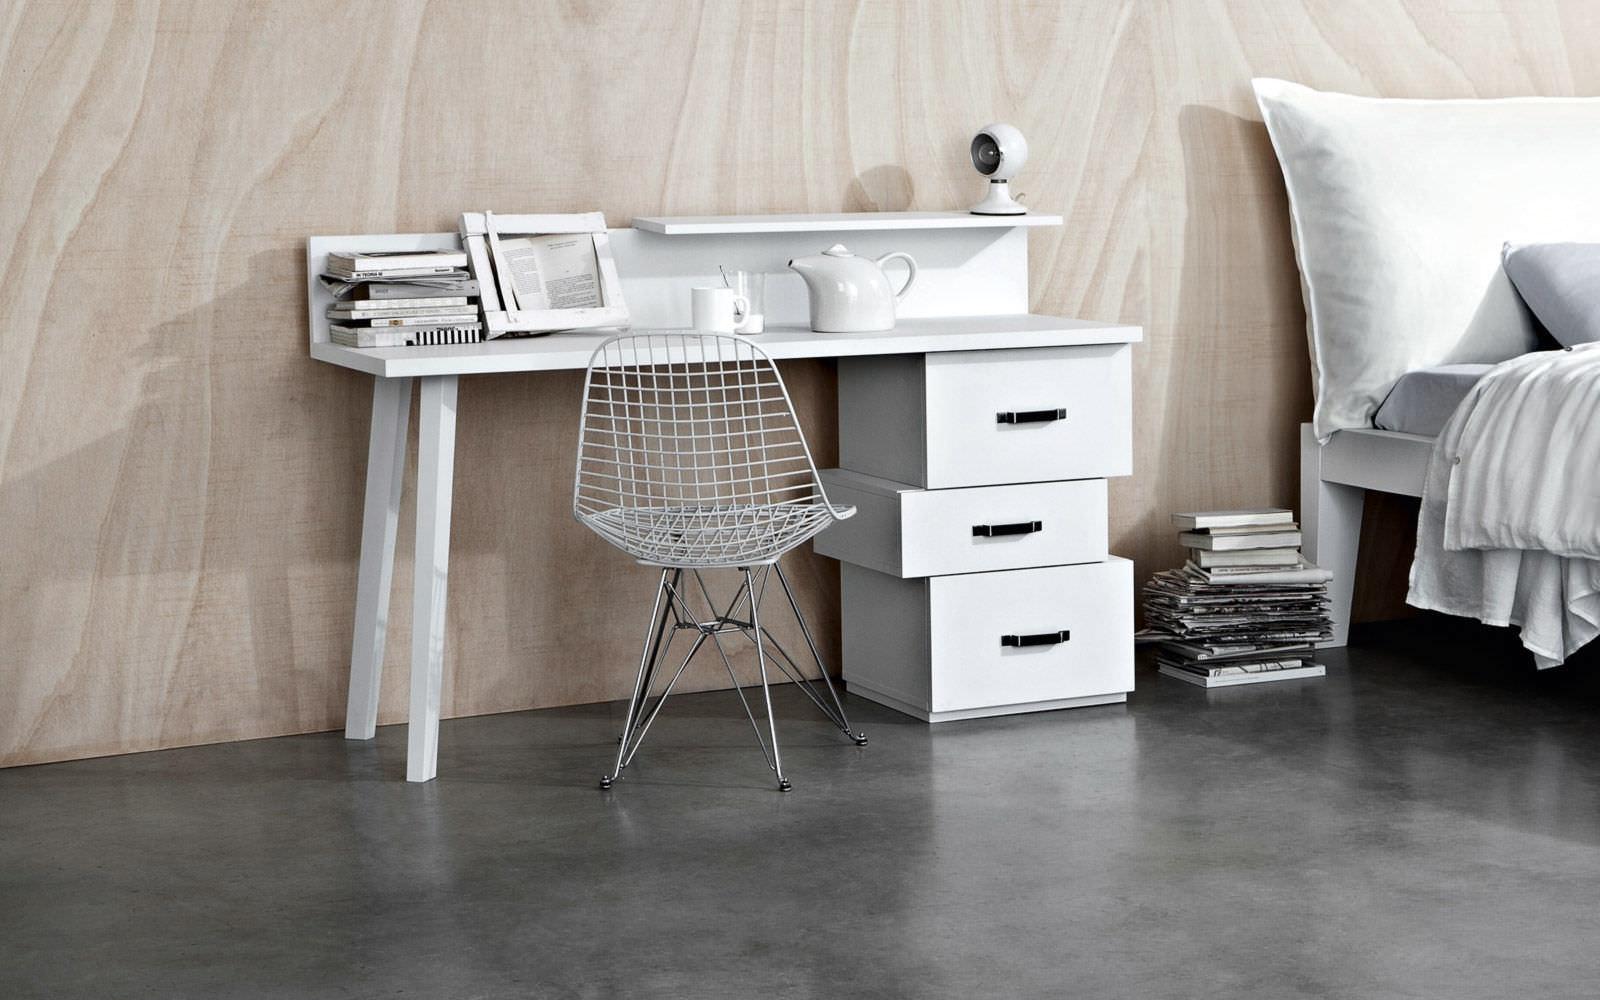 Scrivania In Legno Bianco : Scrivania in legno moderna lc letti co